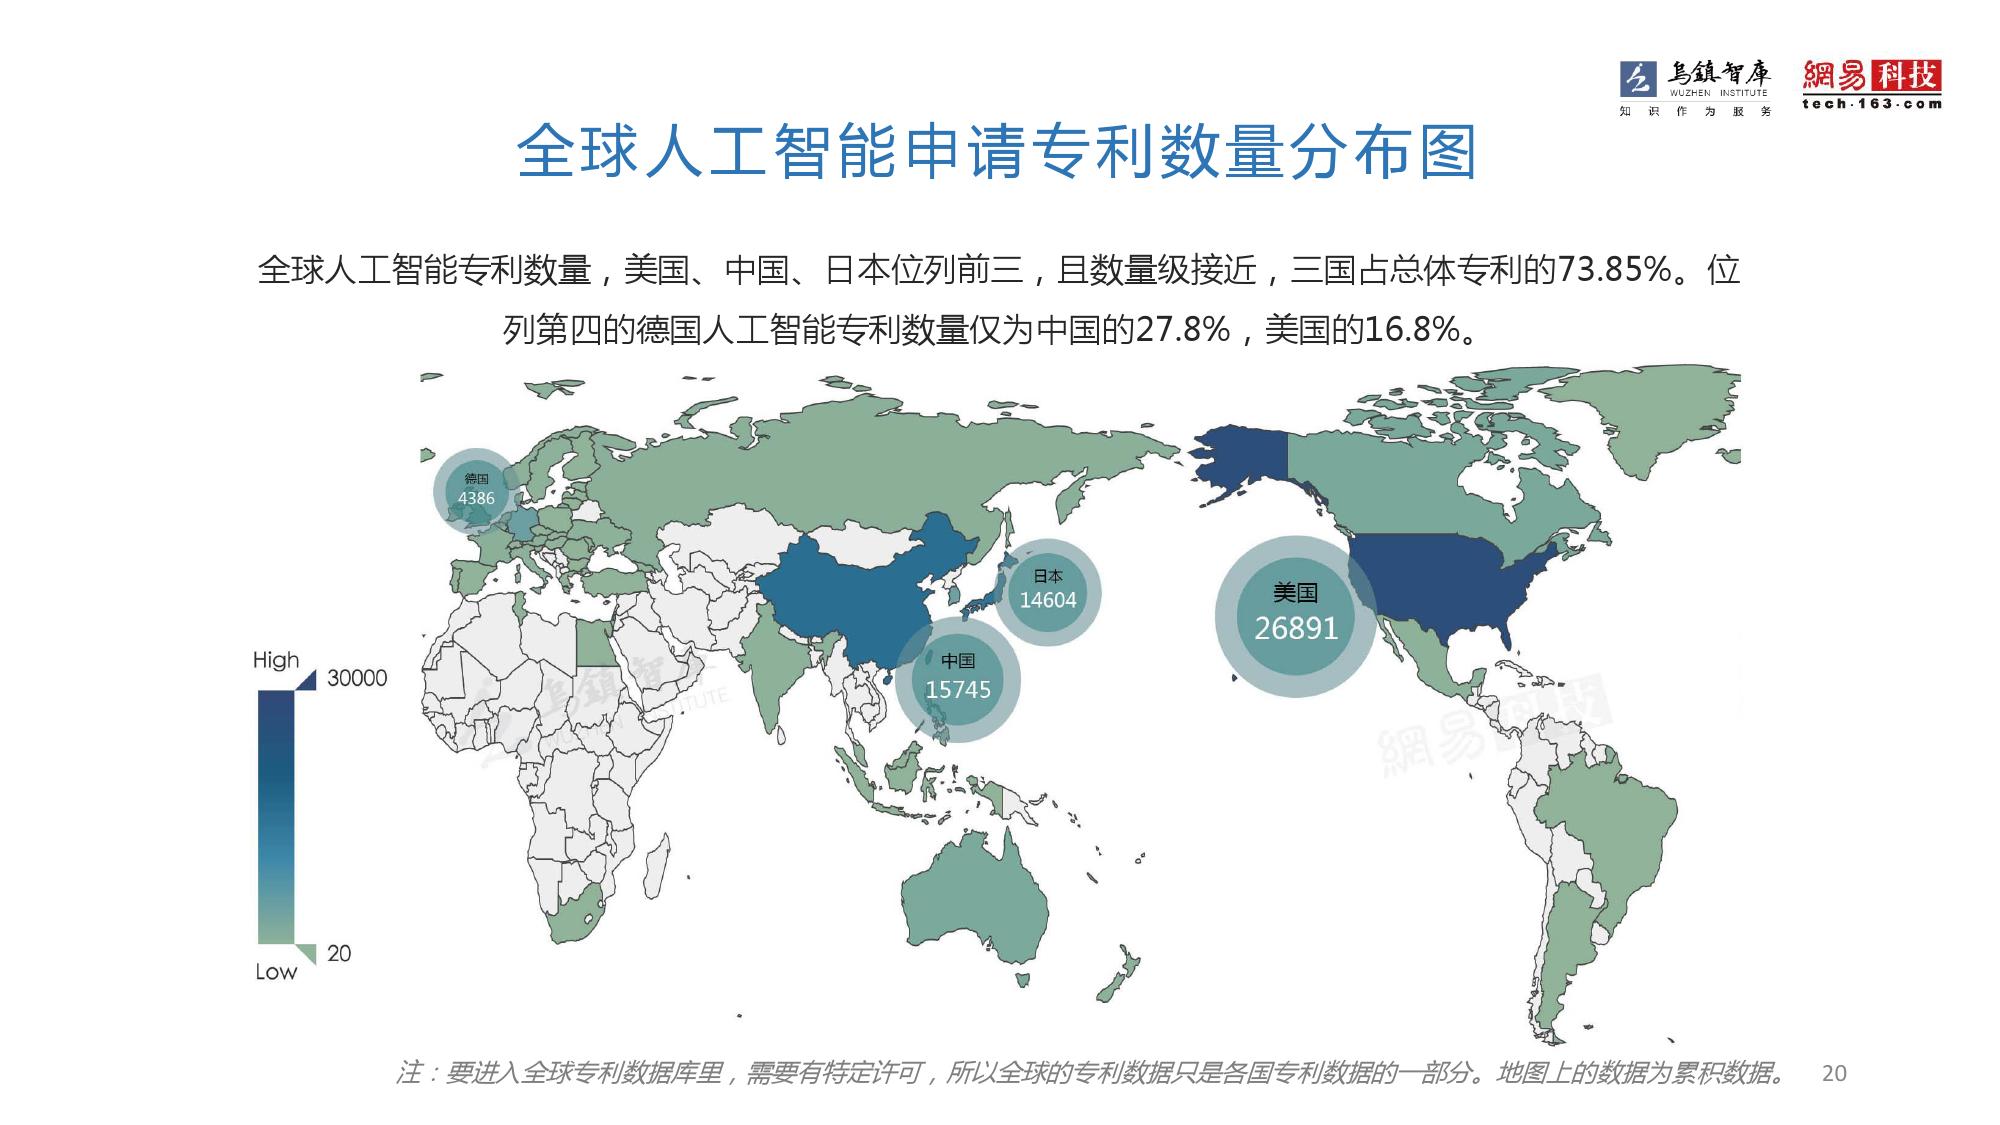 2016年全球人工智能发展报告_000020